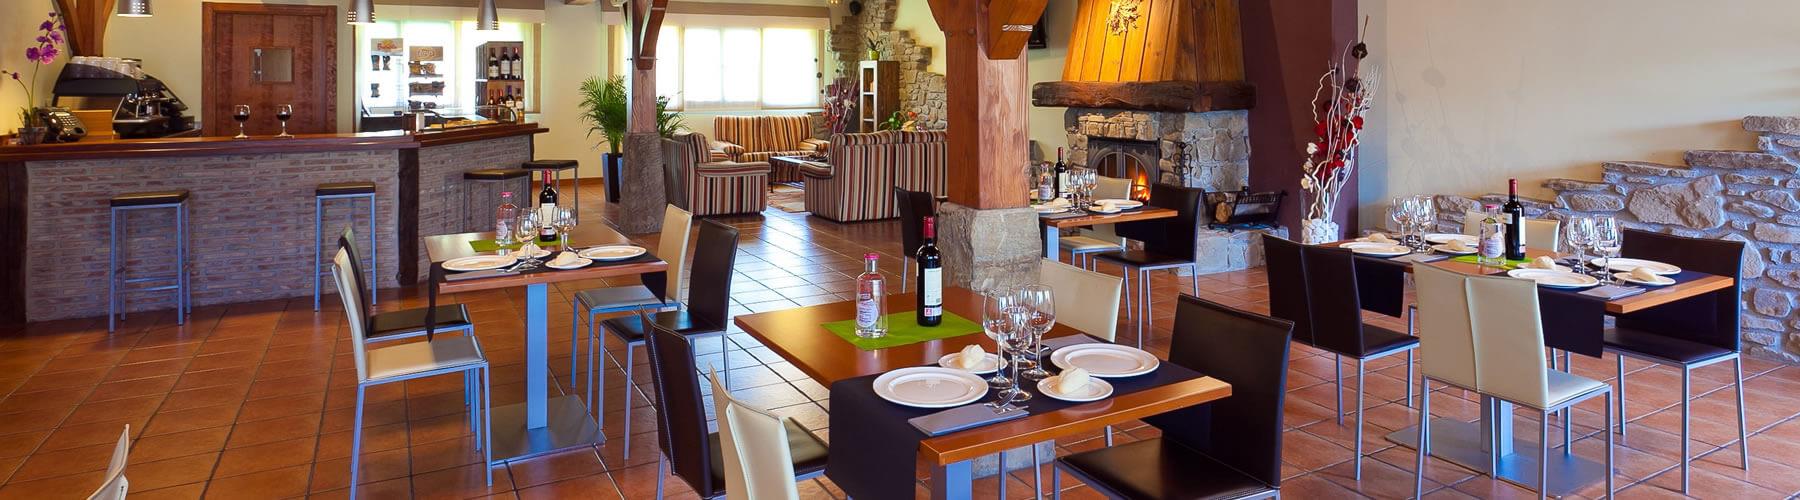 Restaurante Atxurra Hotel Rural